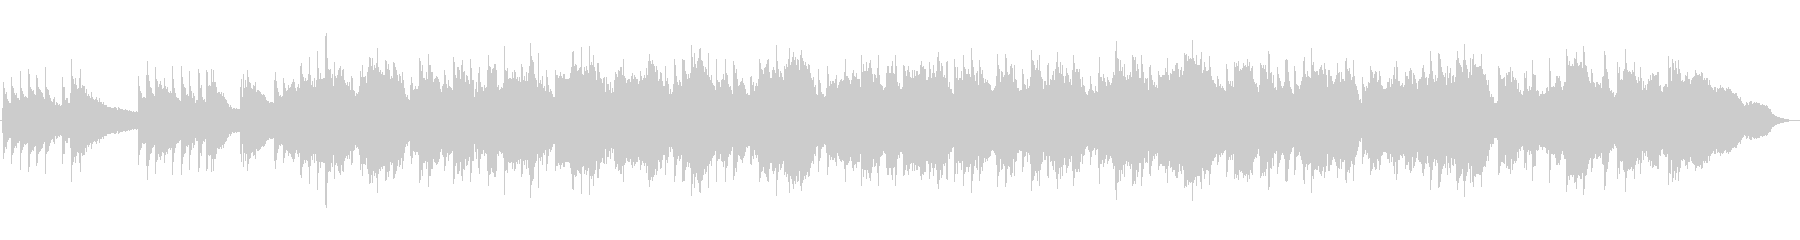 悲しくて絶望的なチェロ曲の未再生の波形